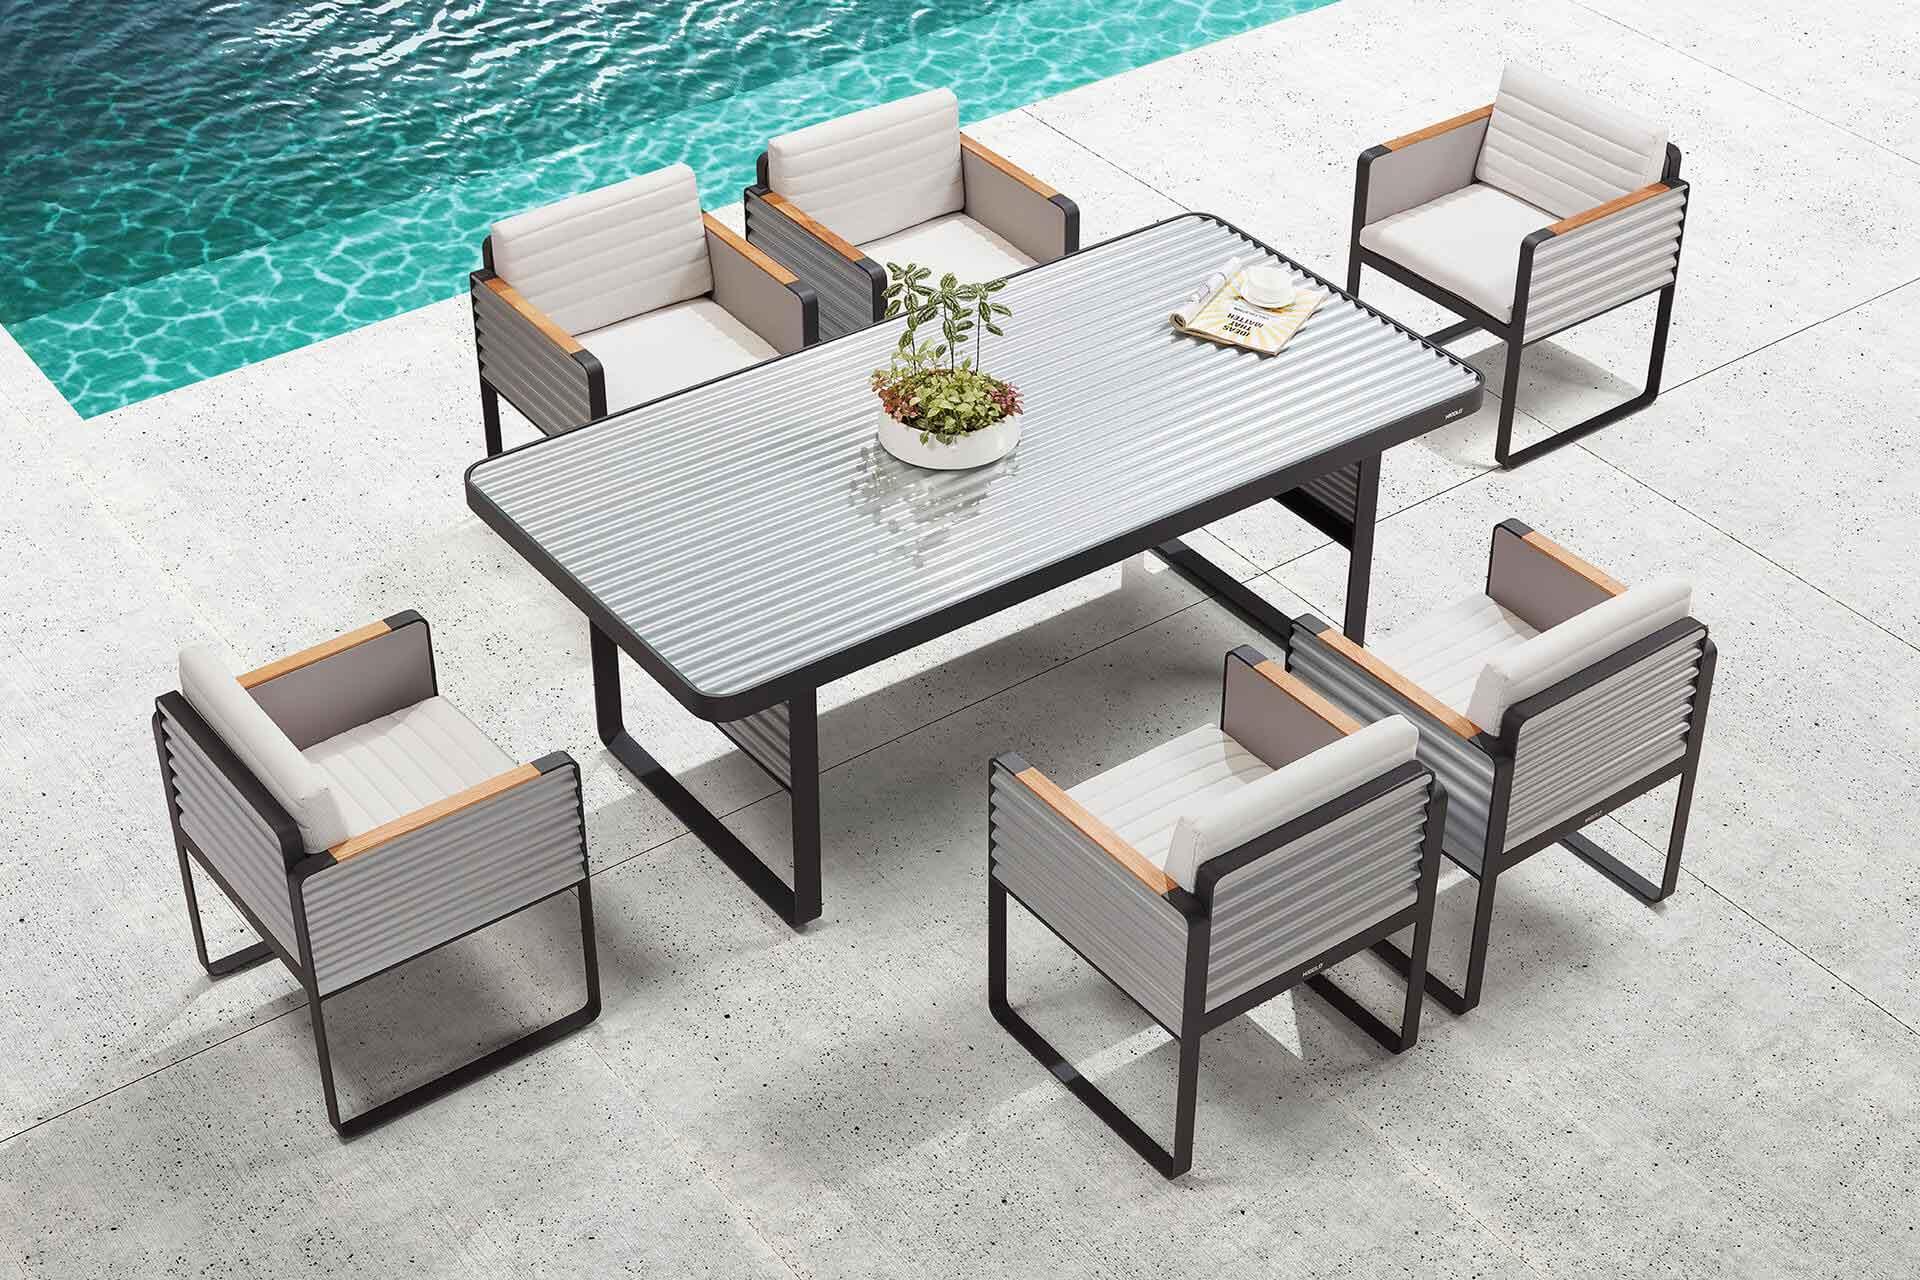 Set de comedor de mueble de exteriores de diseño industrial